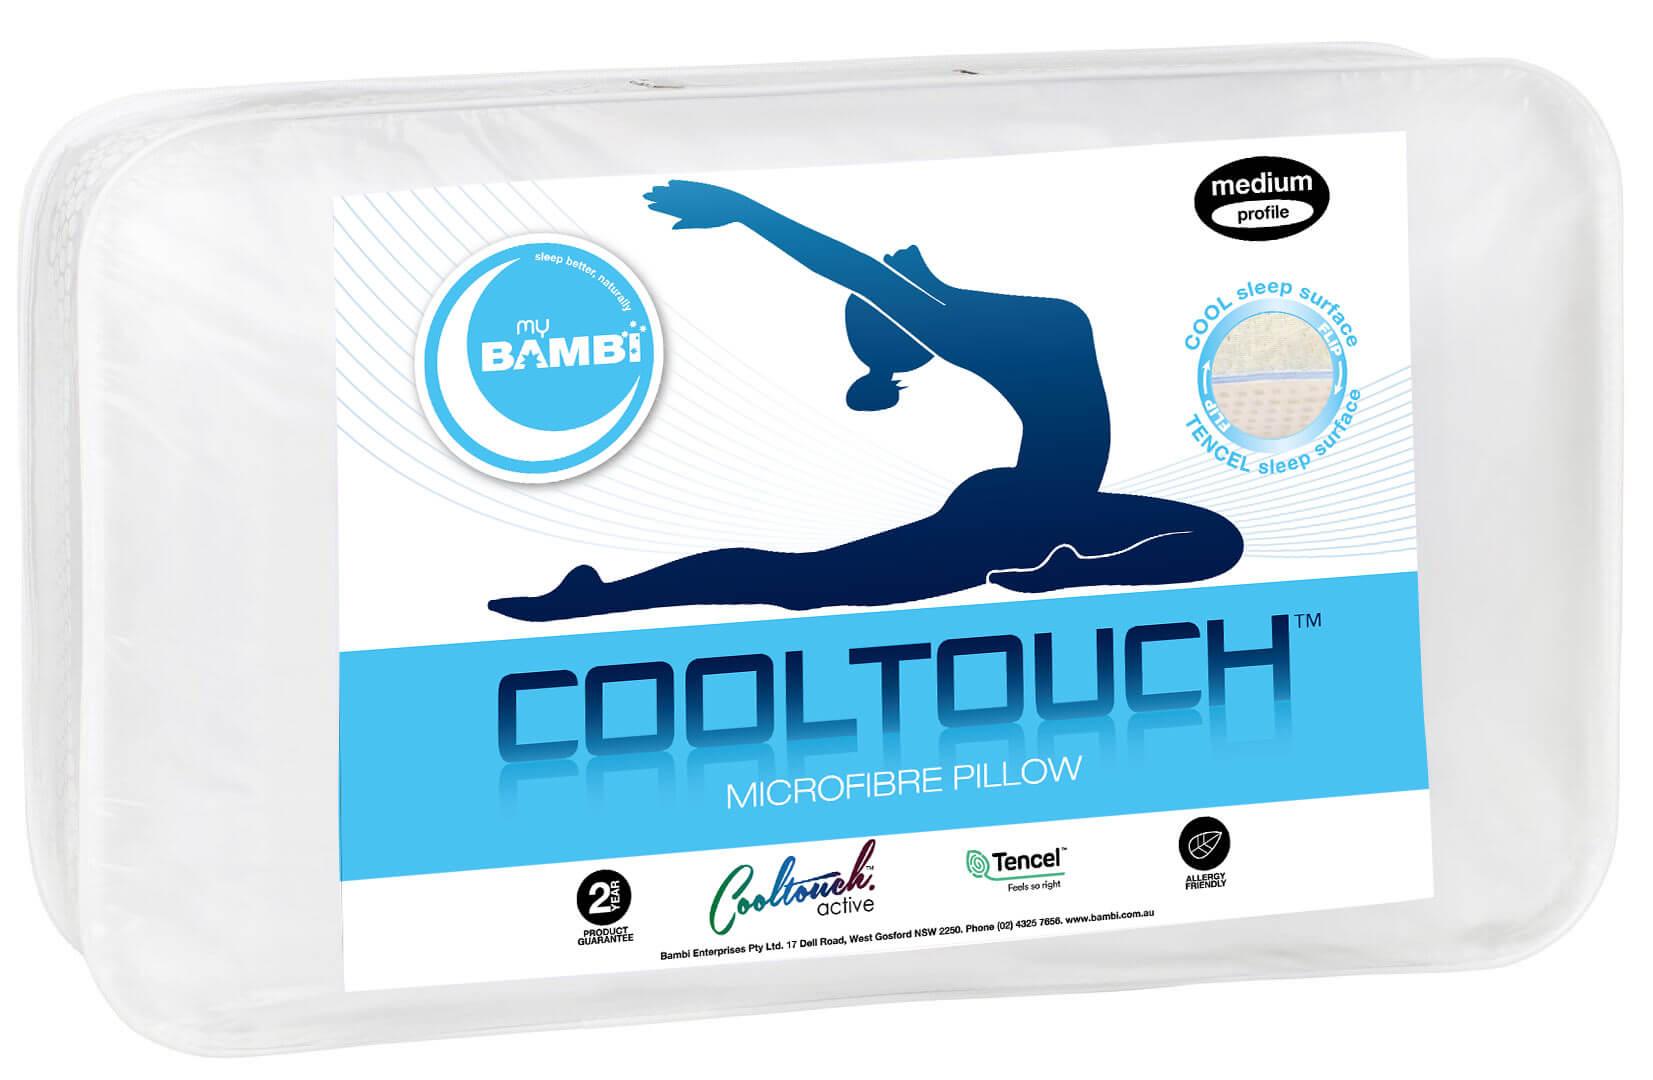 Cooltouch Microfibre Flip Pillow